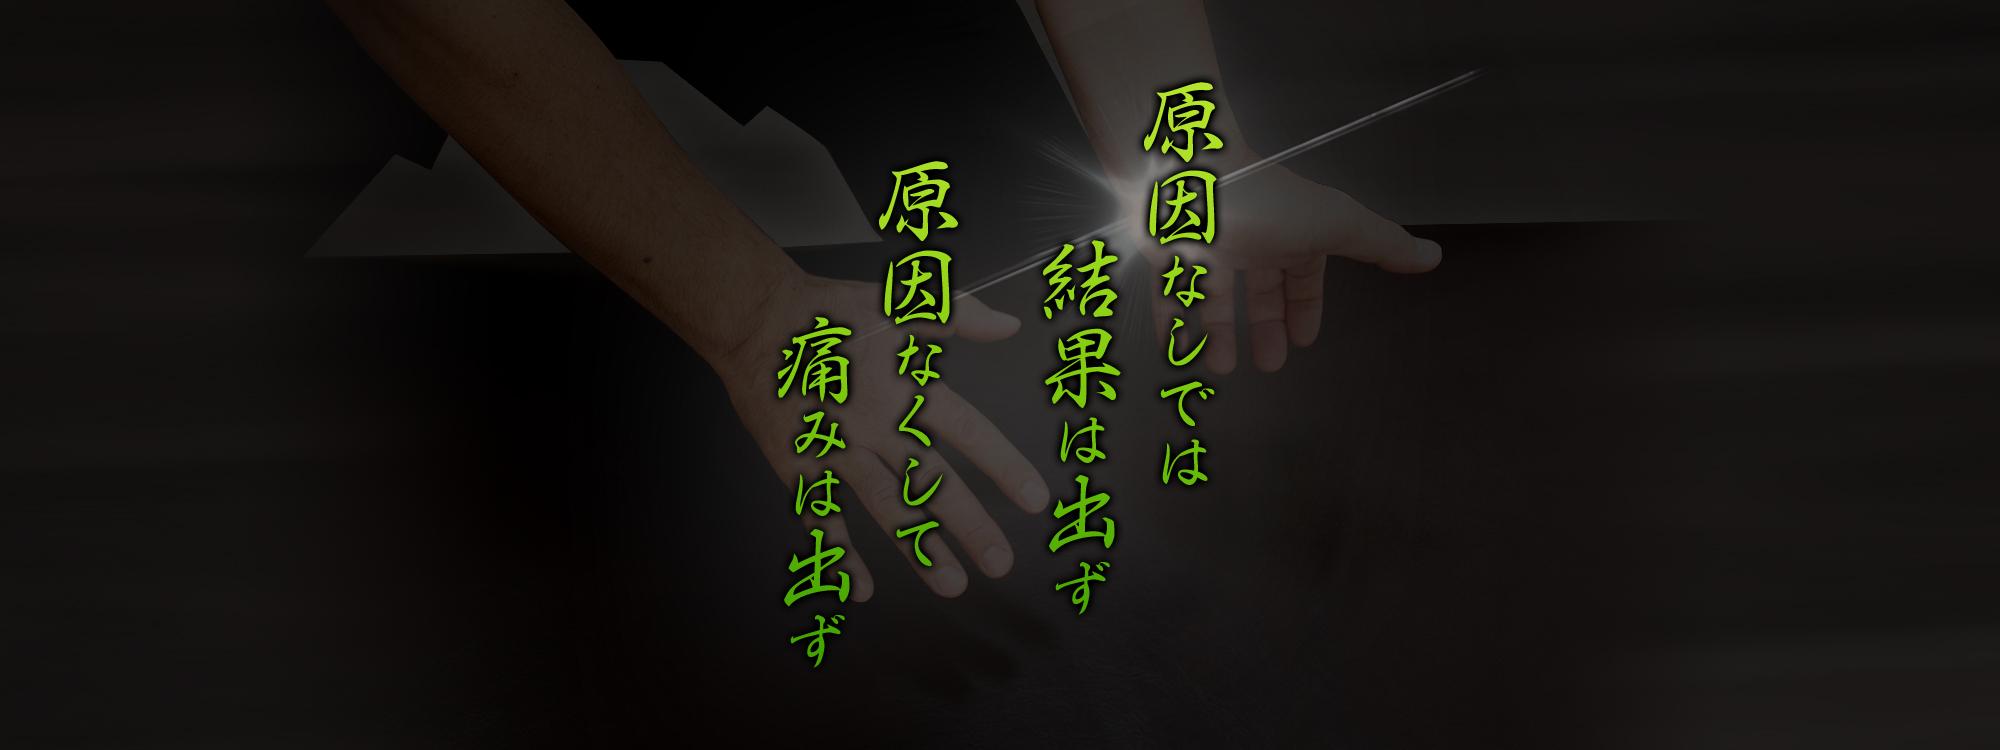 pc_teaser_01_05